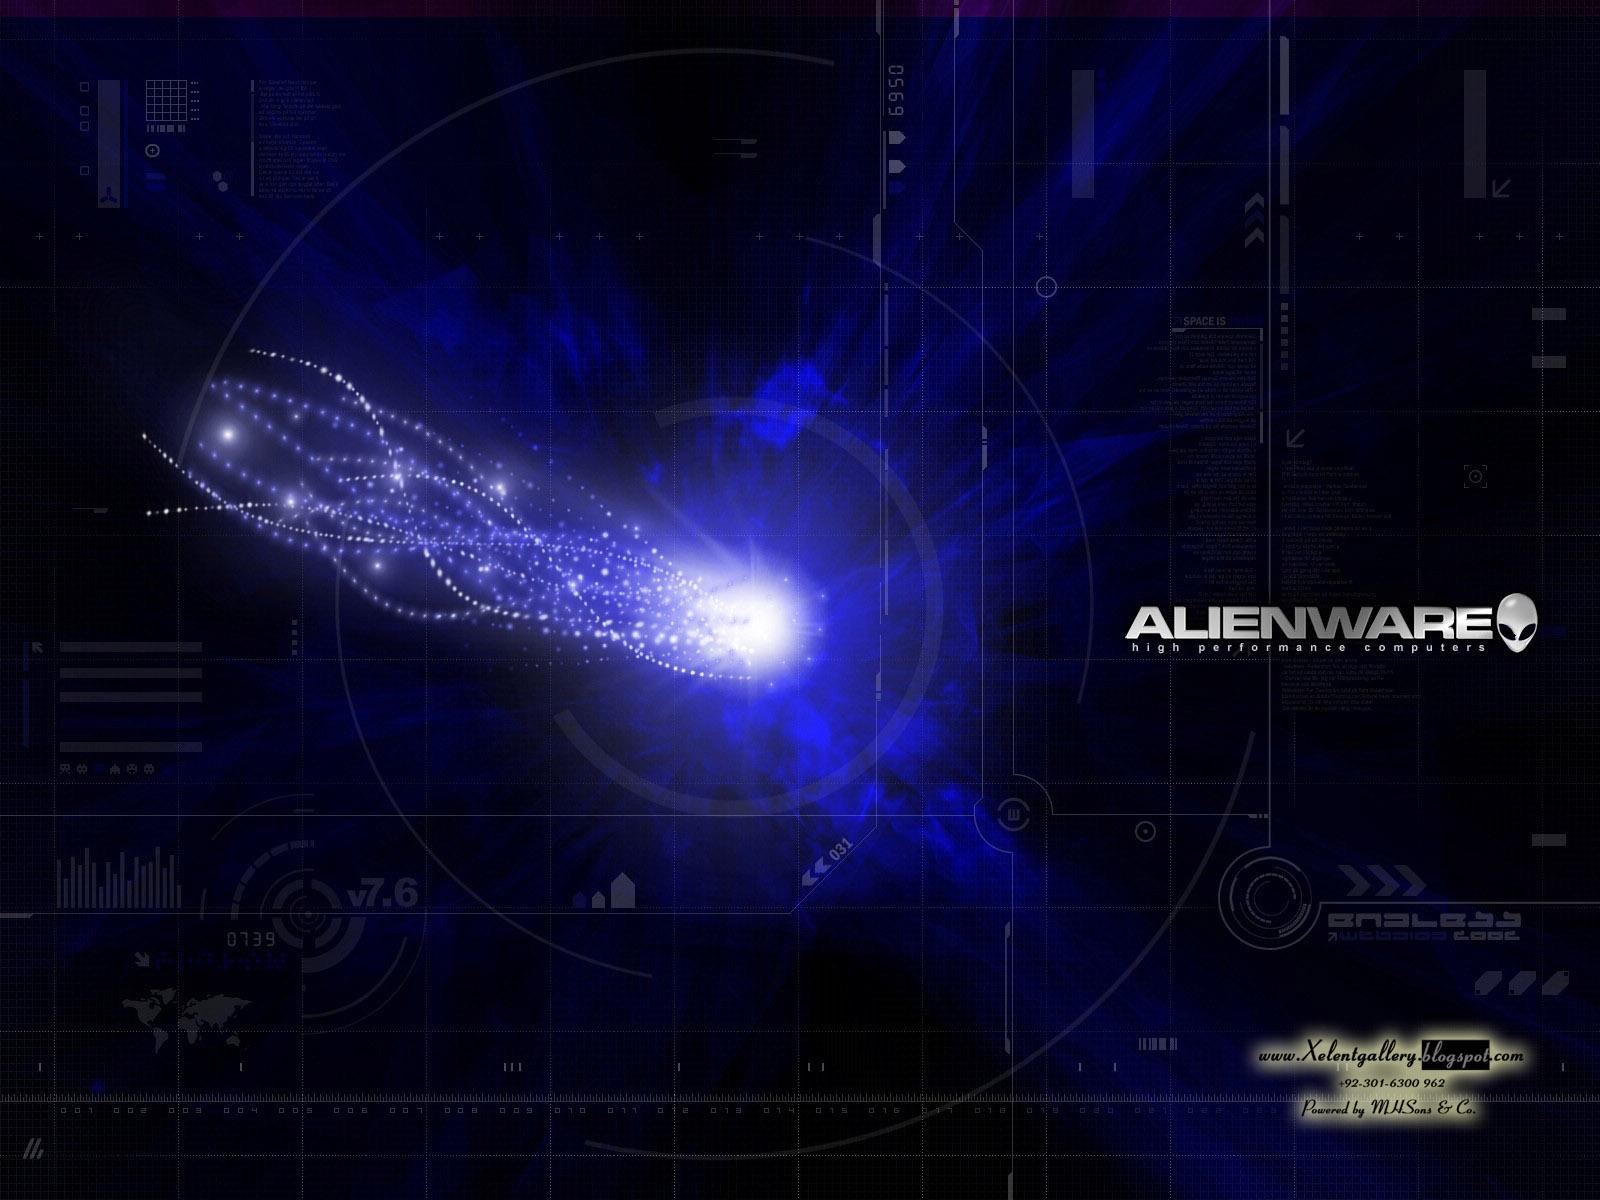 http://4.bp.blogspot.com/-DmuBI2fjhdI/T-A_p0DfyBI/AAAAAAAACAI/P25vQFEEIgs/s1600/Alienware+Wallpapers+%252820%2529.jpg